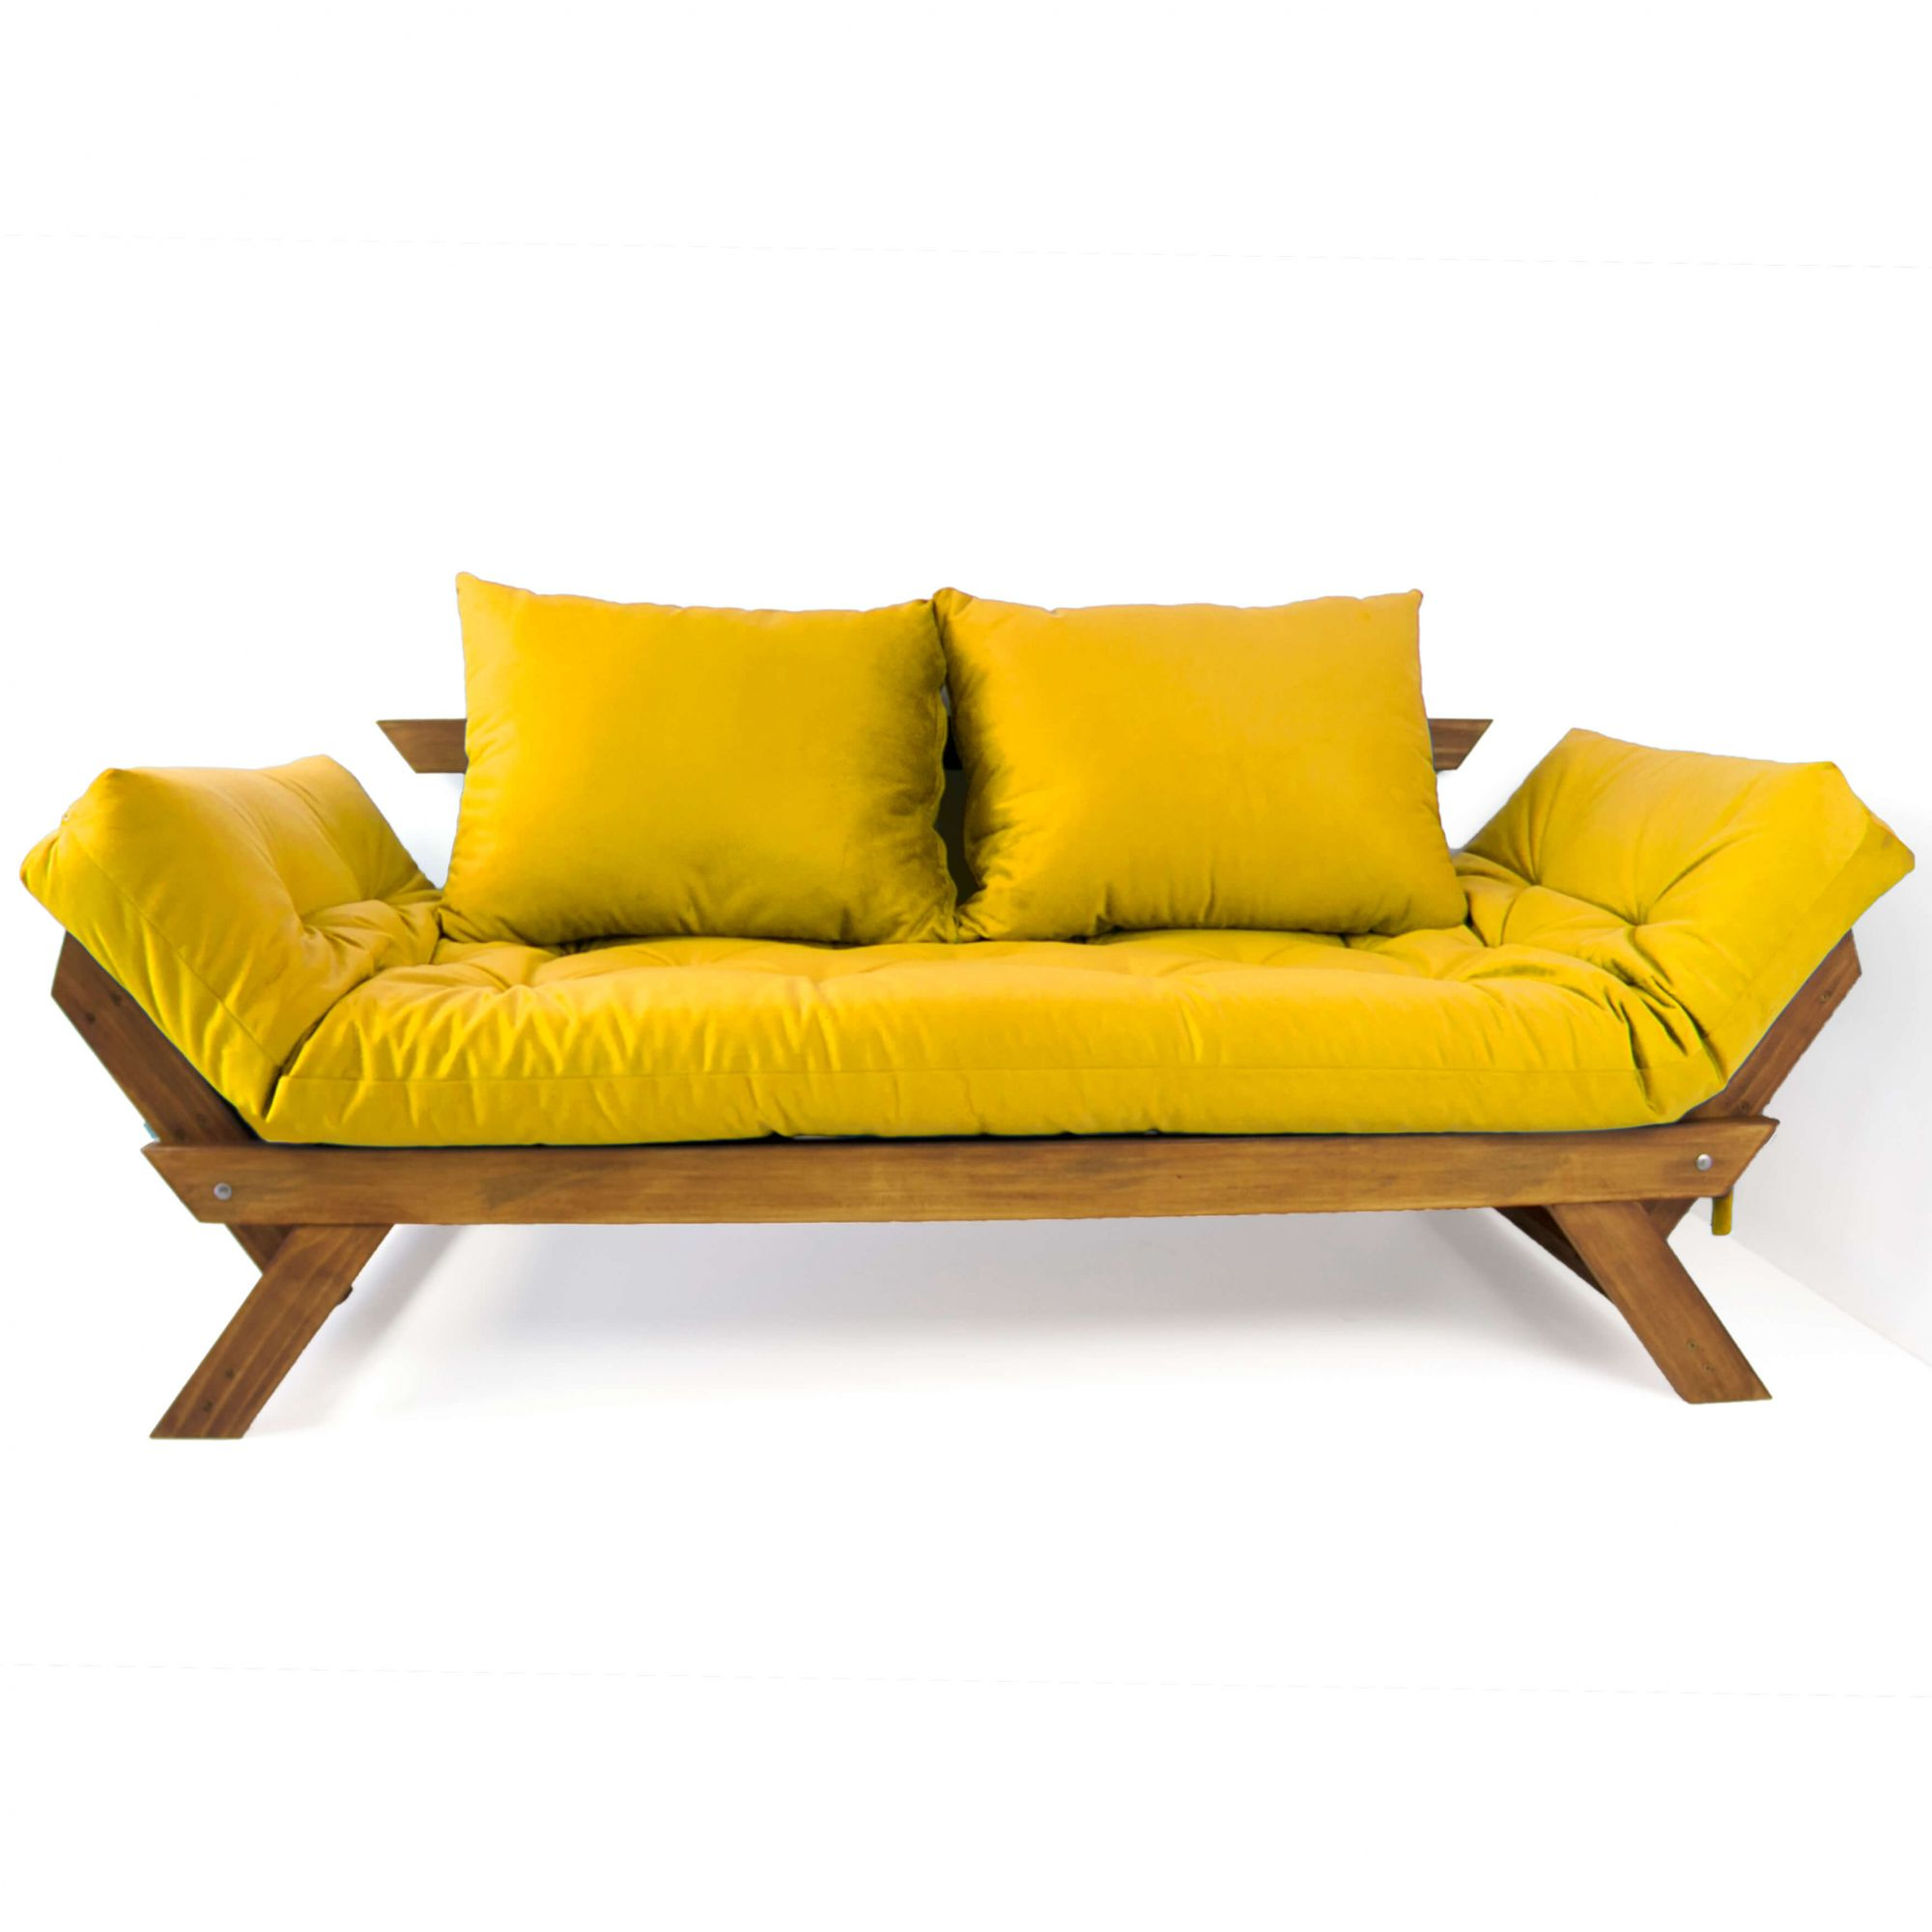 e36fa97904277f Sofá Japão Futon Amarelo Em Madeira Maciça Imbuia